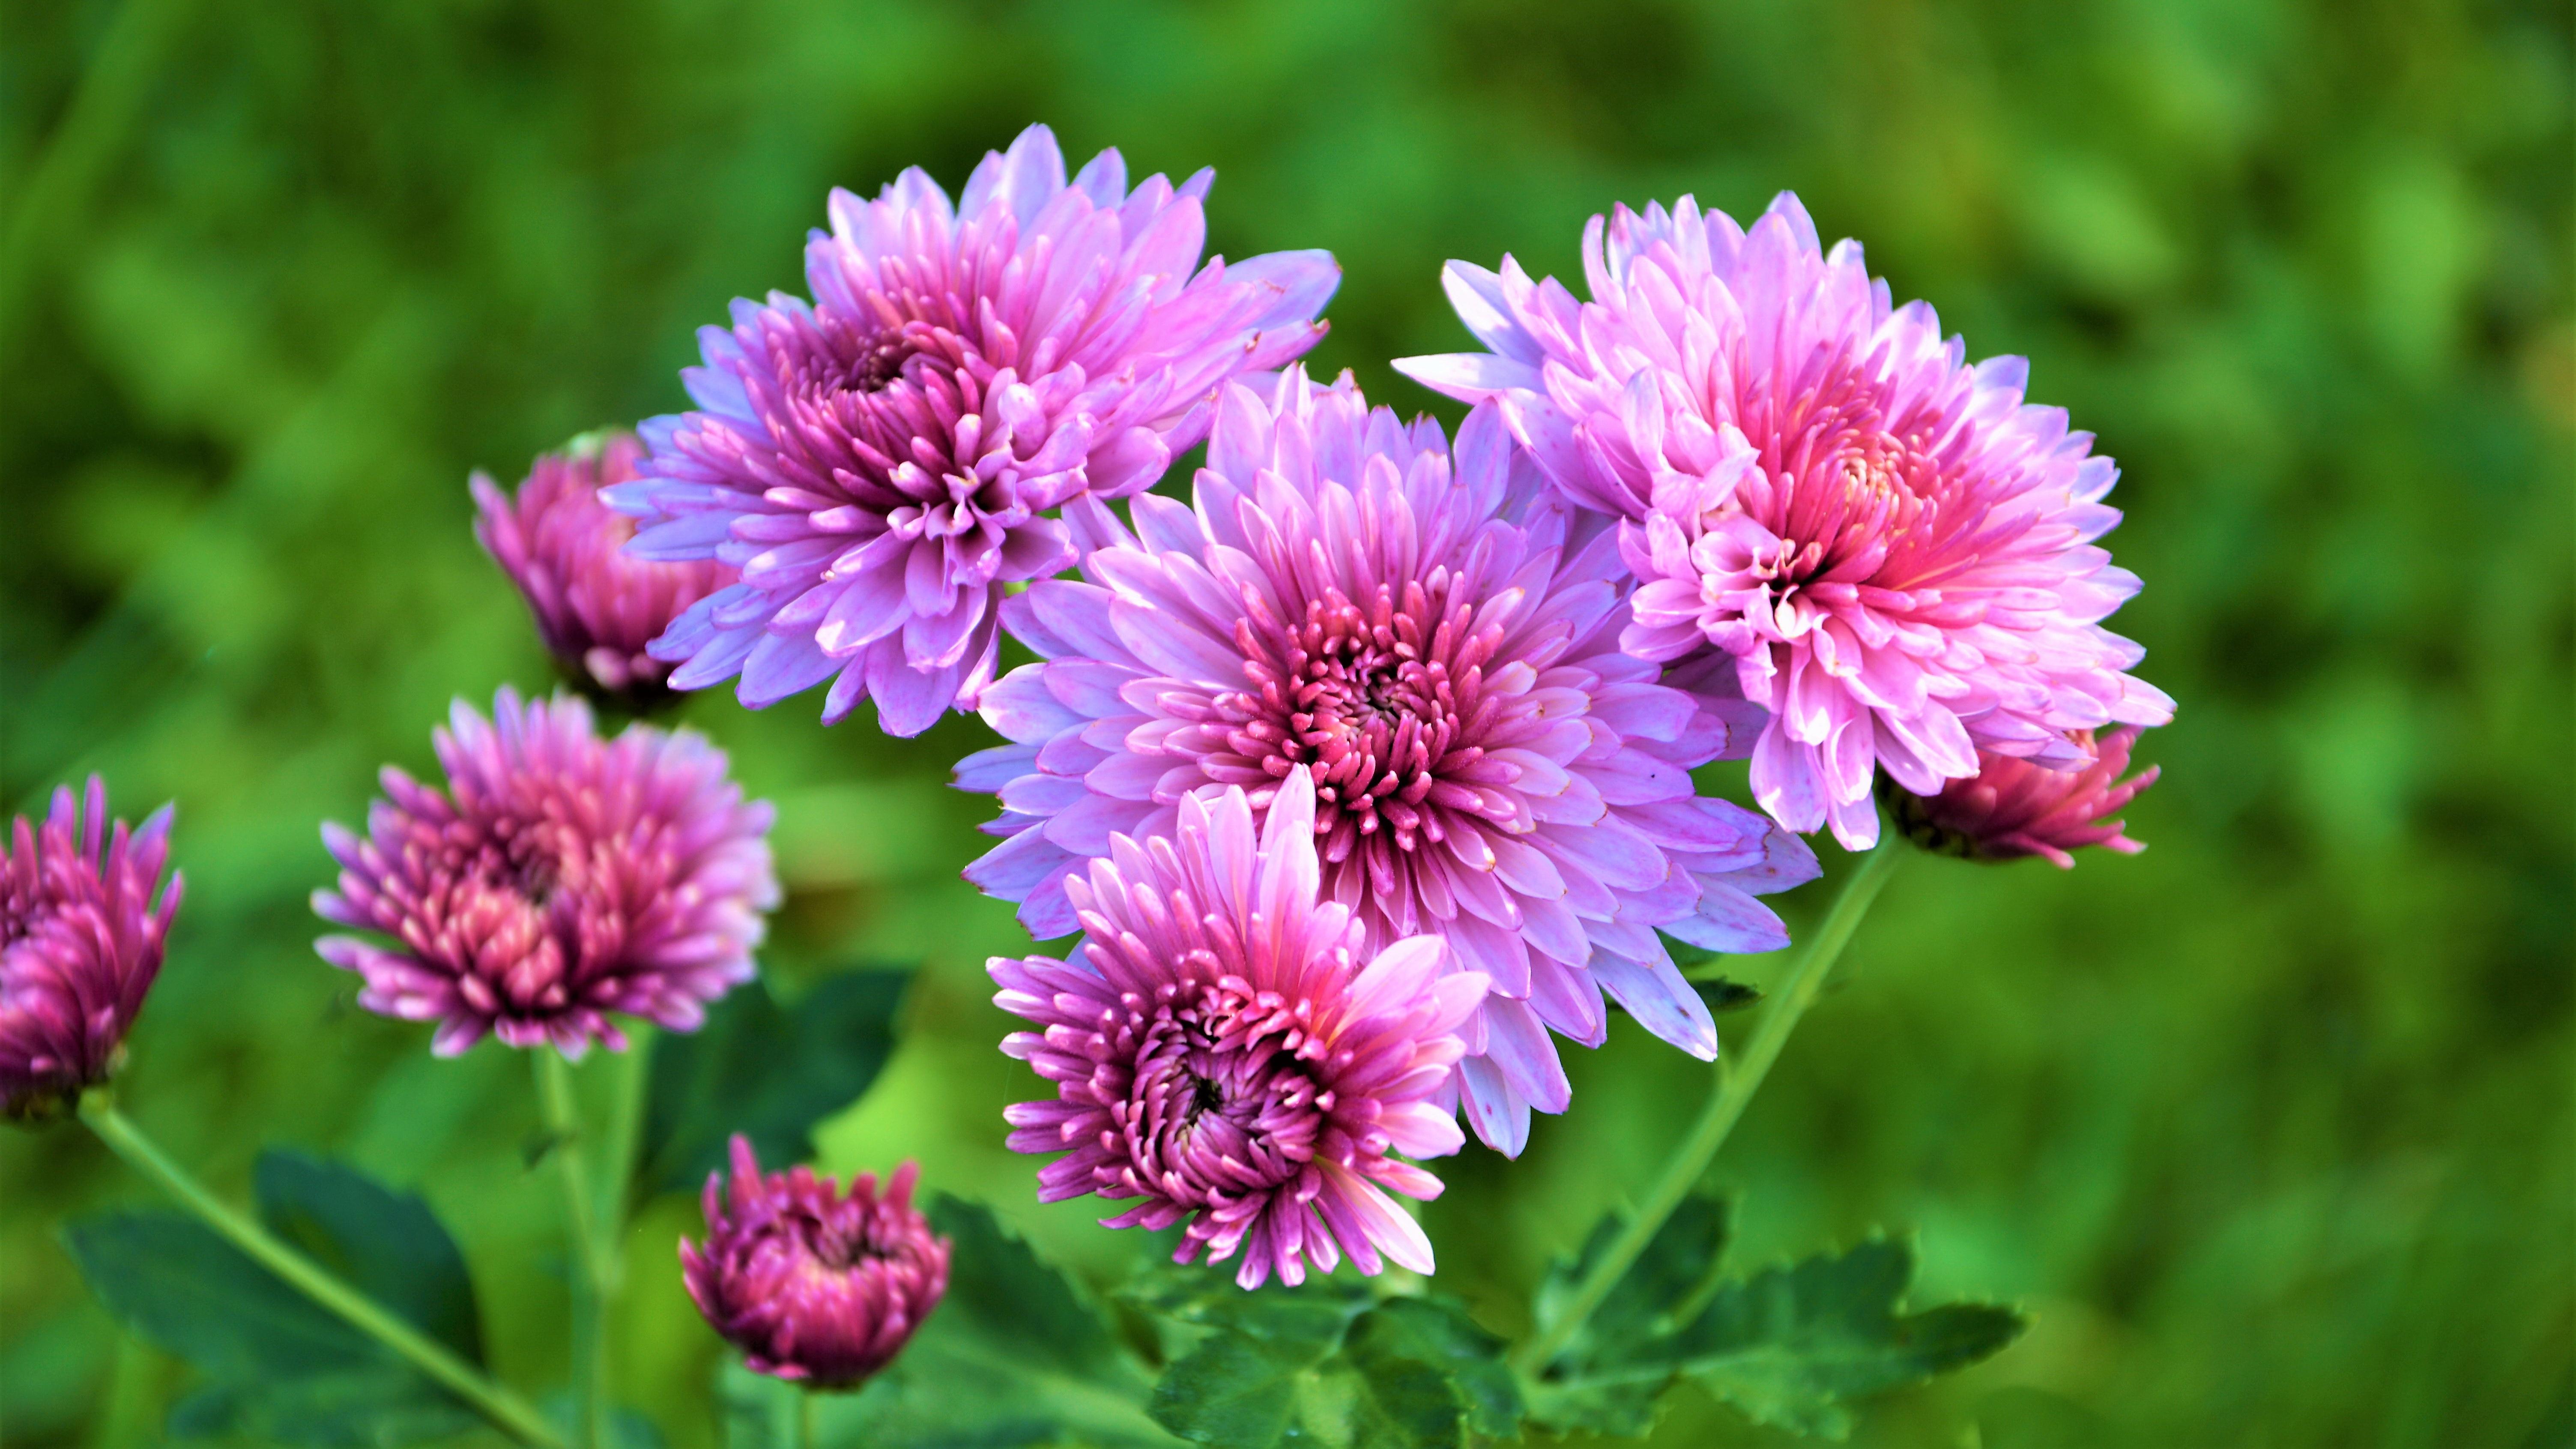 обои для рабочего стола осенние цветы хризантемы № 1155167 бесплатно